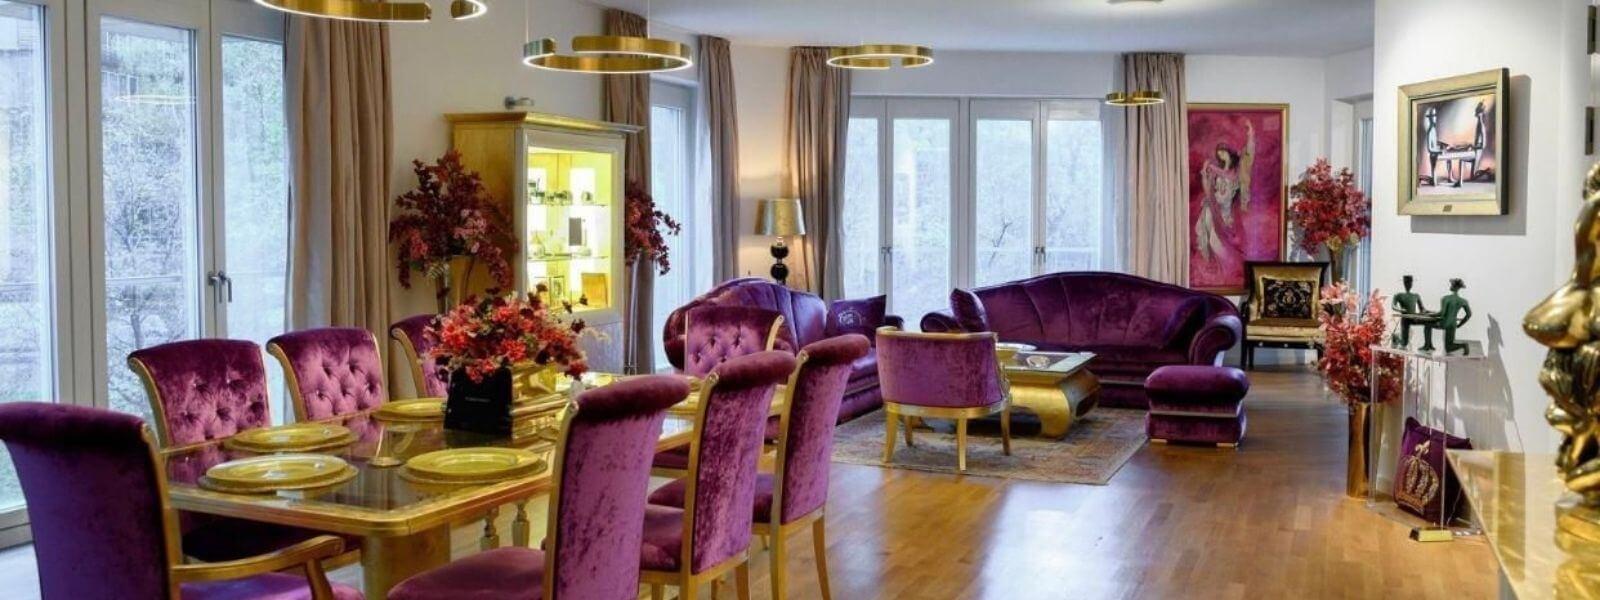 Luxusapartment Berlin am Potsdamer Platz.